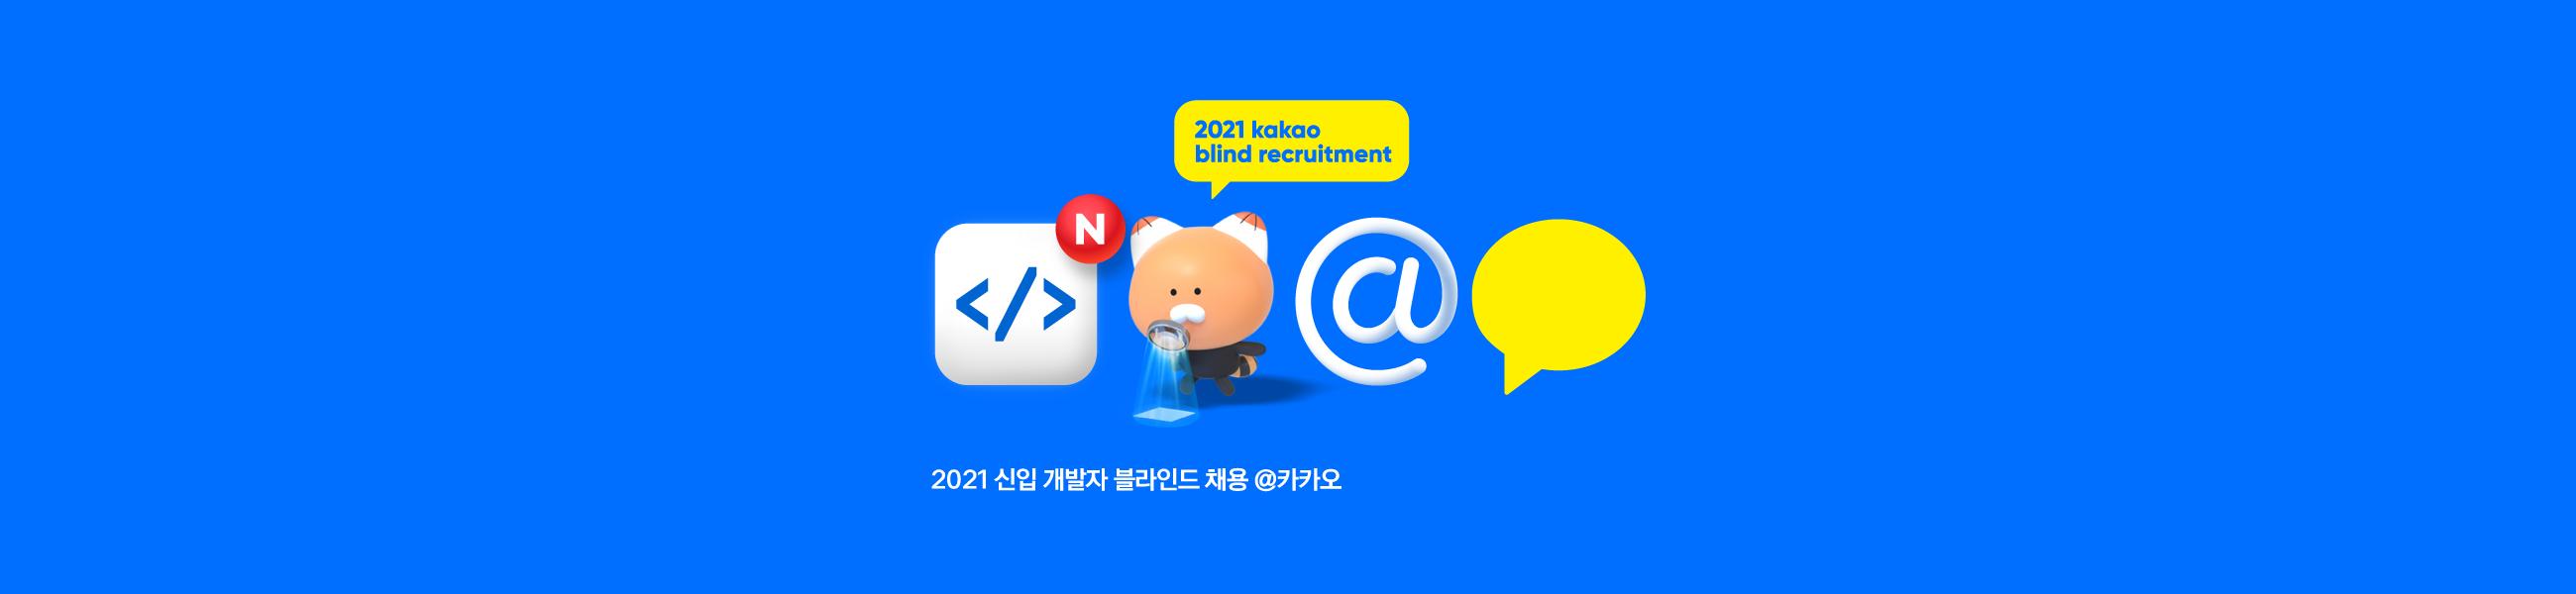 2021 KAKAO BLIND RECRUITMENT의 이미지